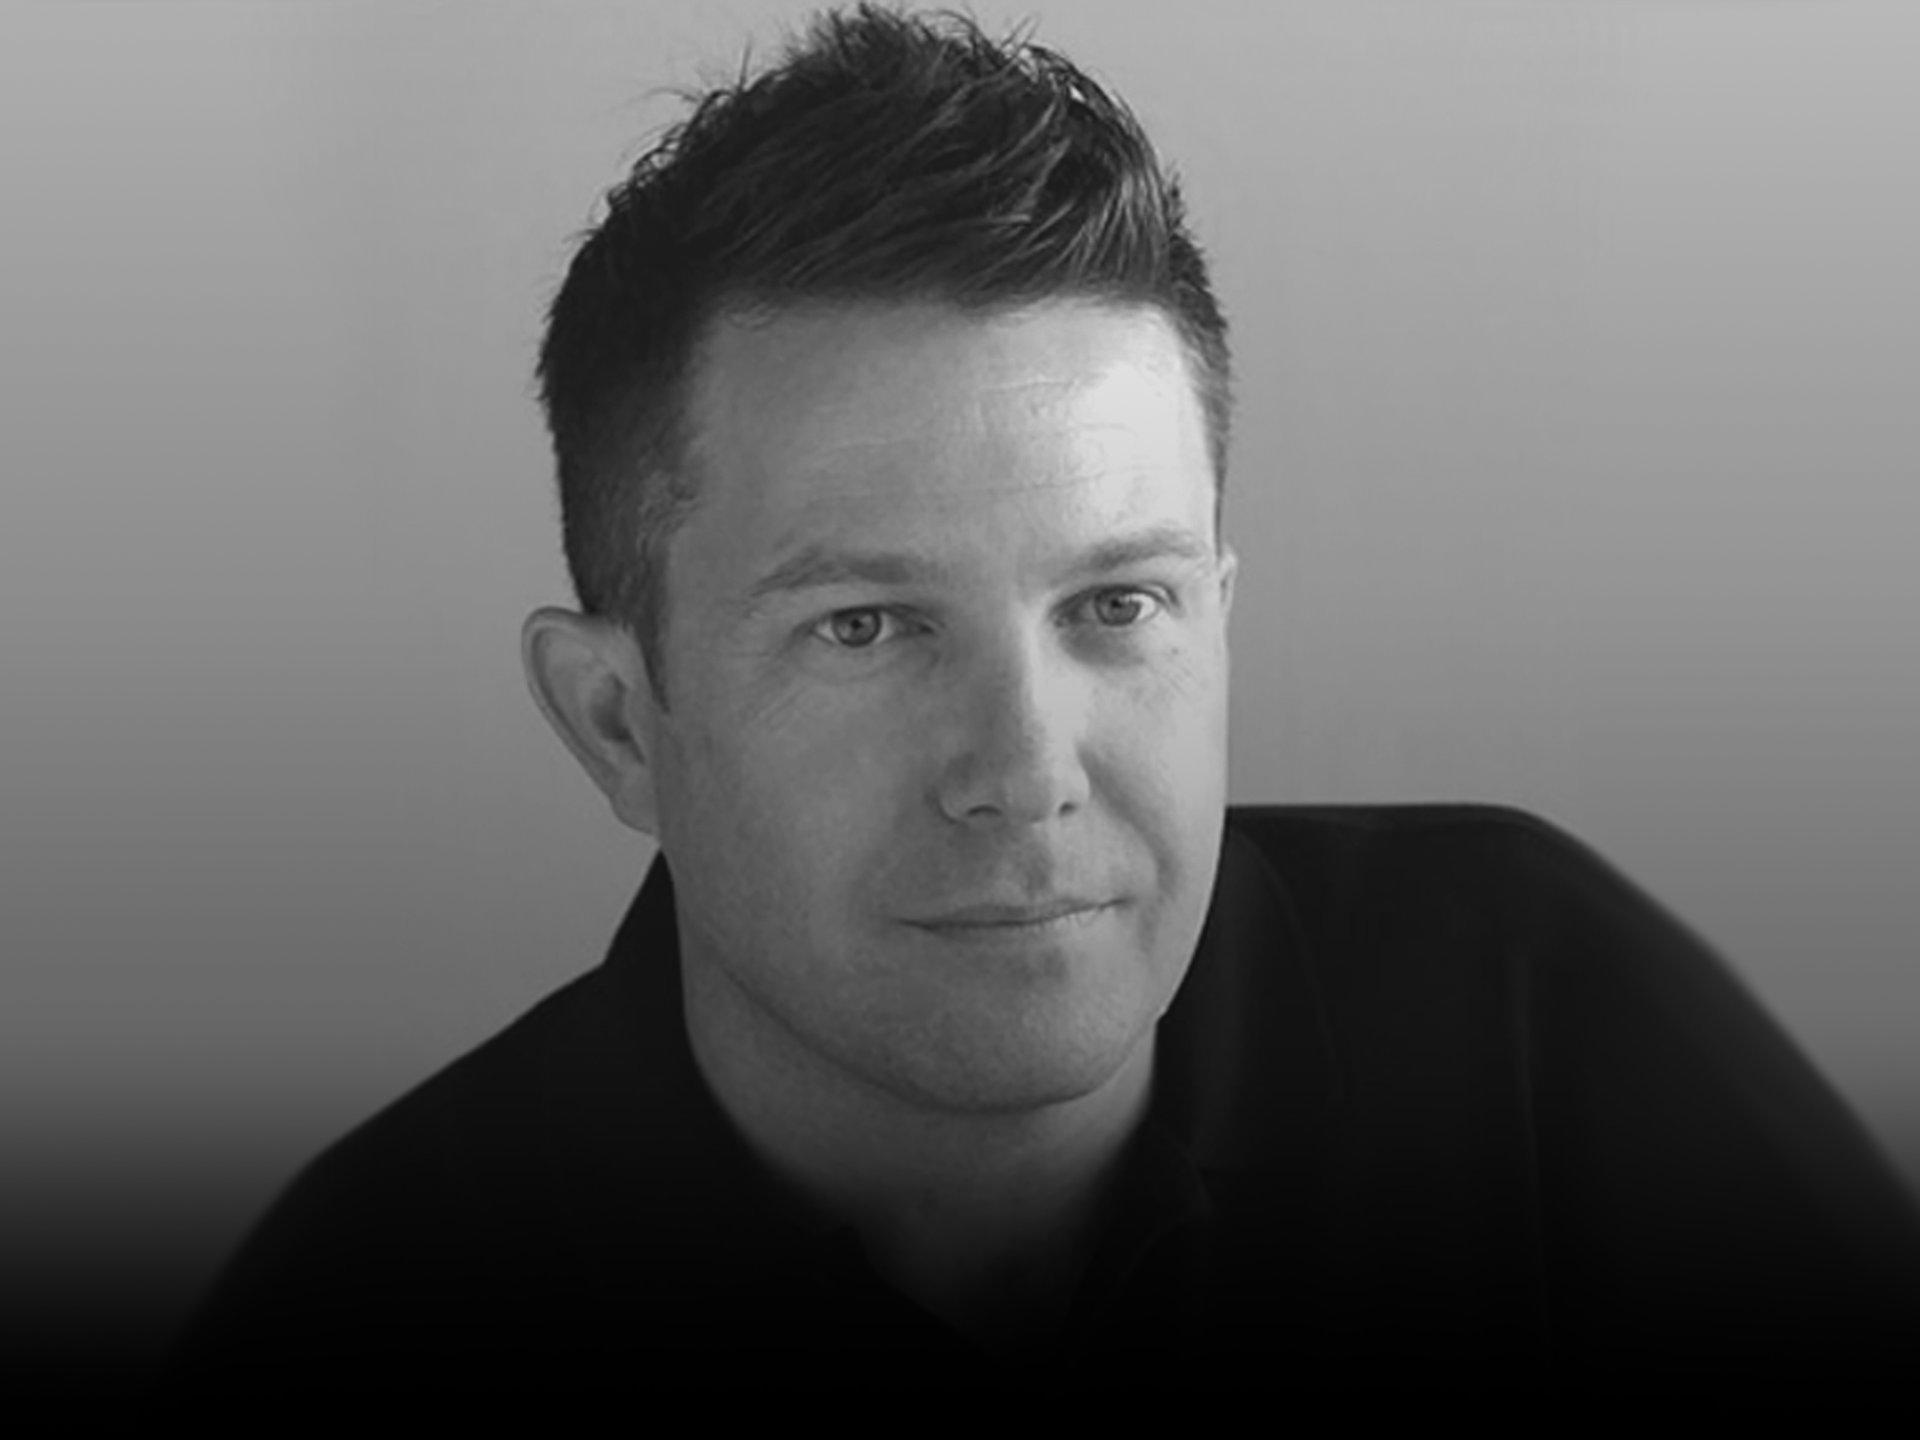 Image of Liam  Wielopolski